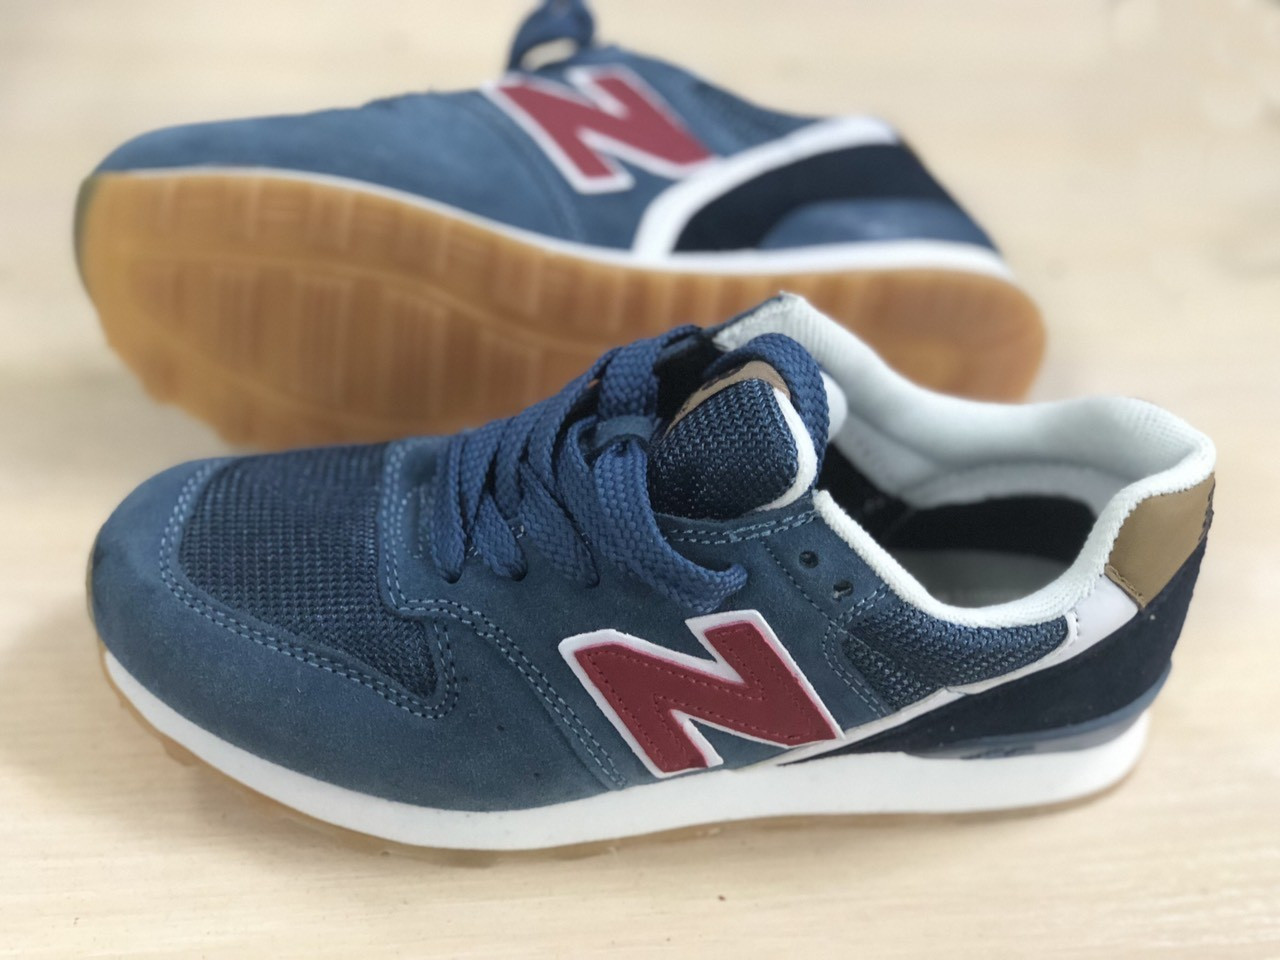 206f5128f Женские кроссовки, синие, из натуральной замши: продажа, цена в ...